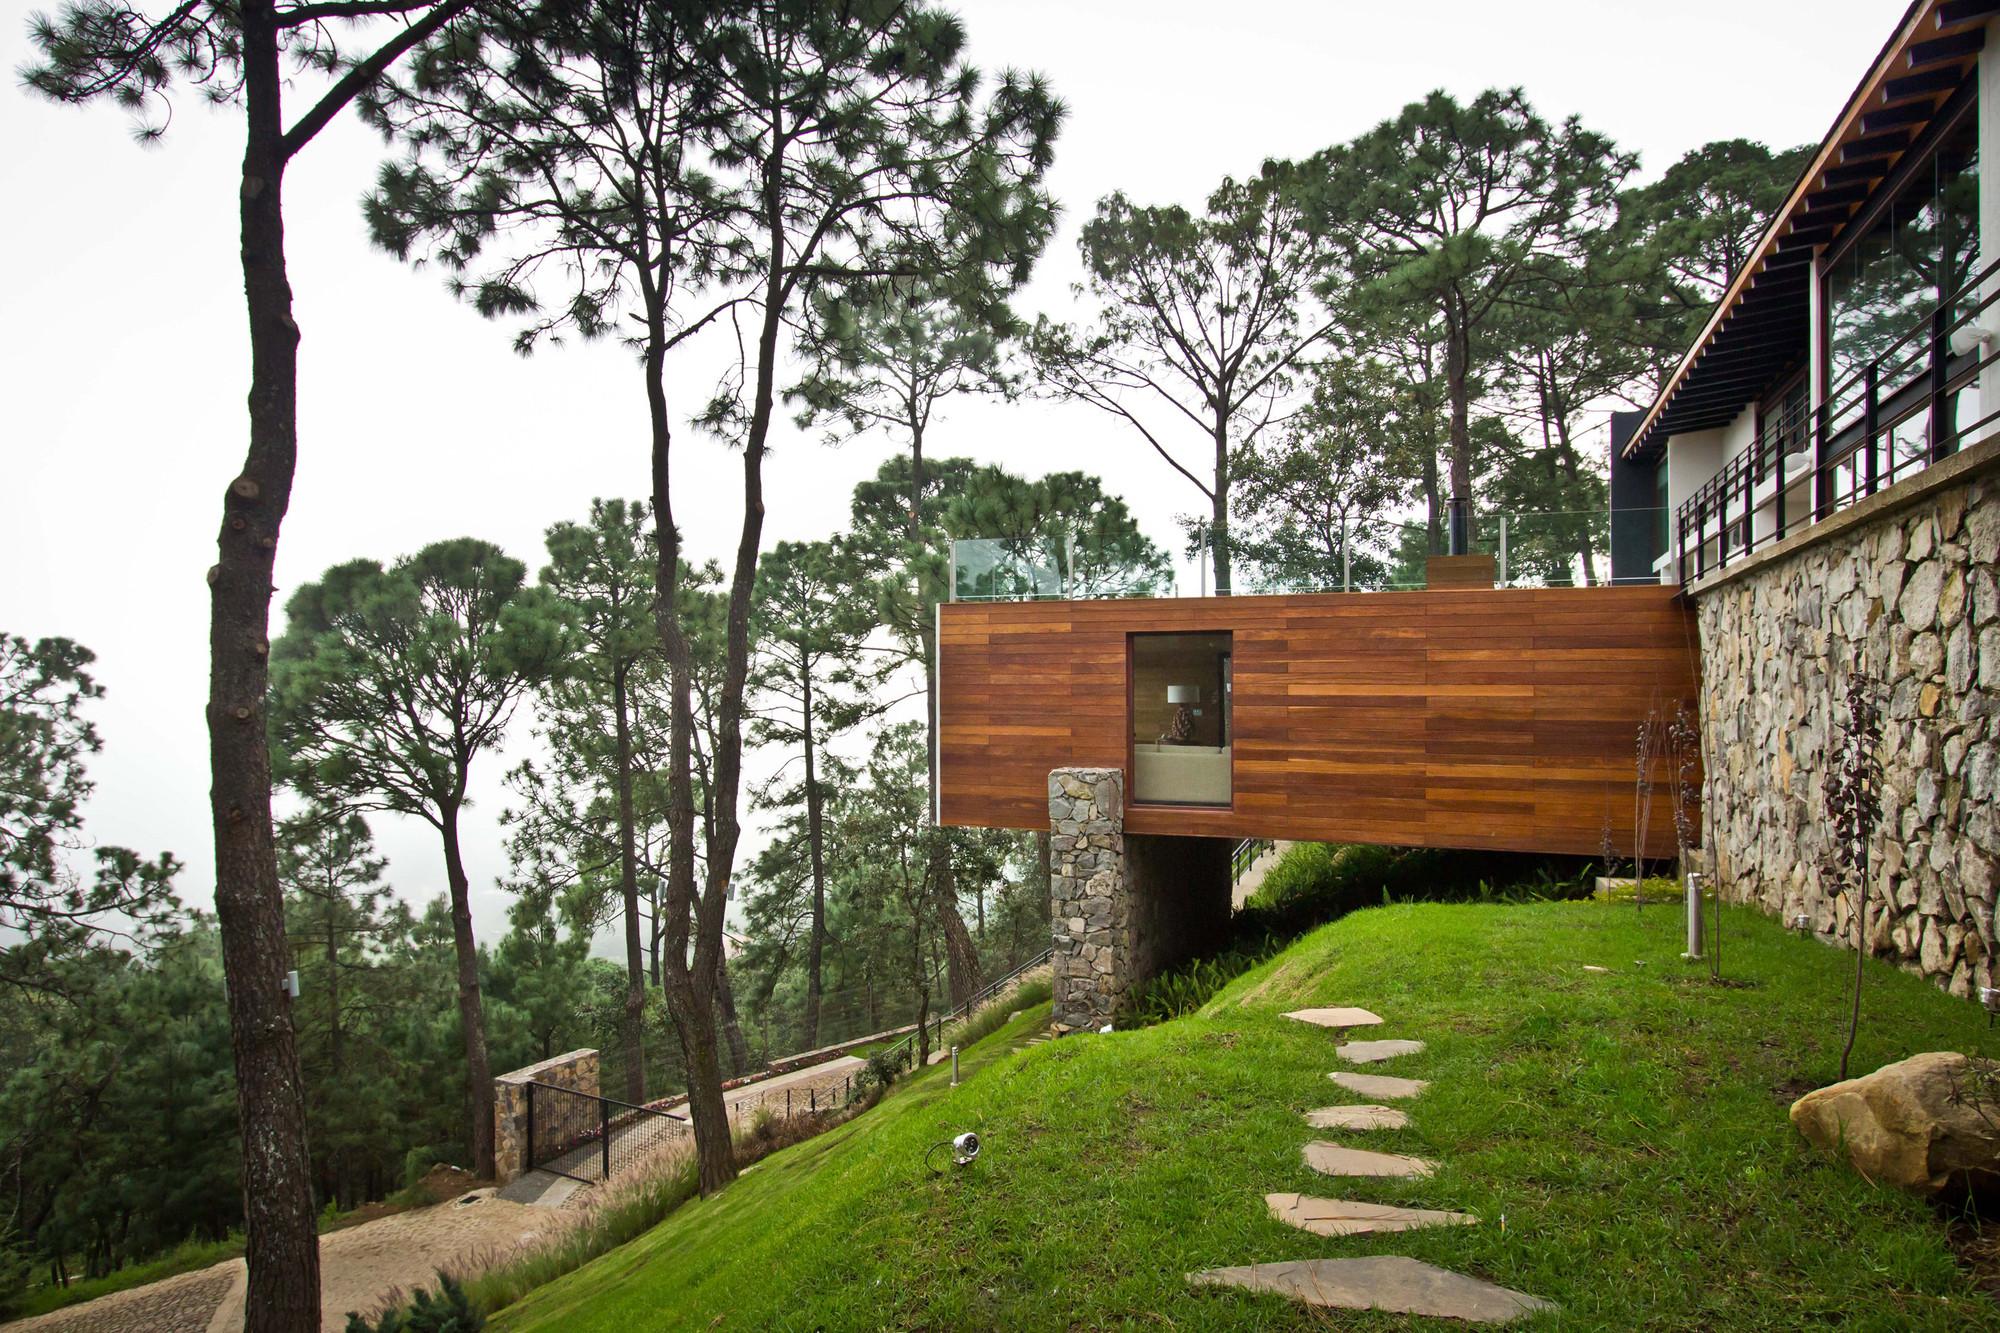 Gallery of the forest house espacio ema 8 - Casitas en el bosque ...